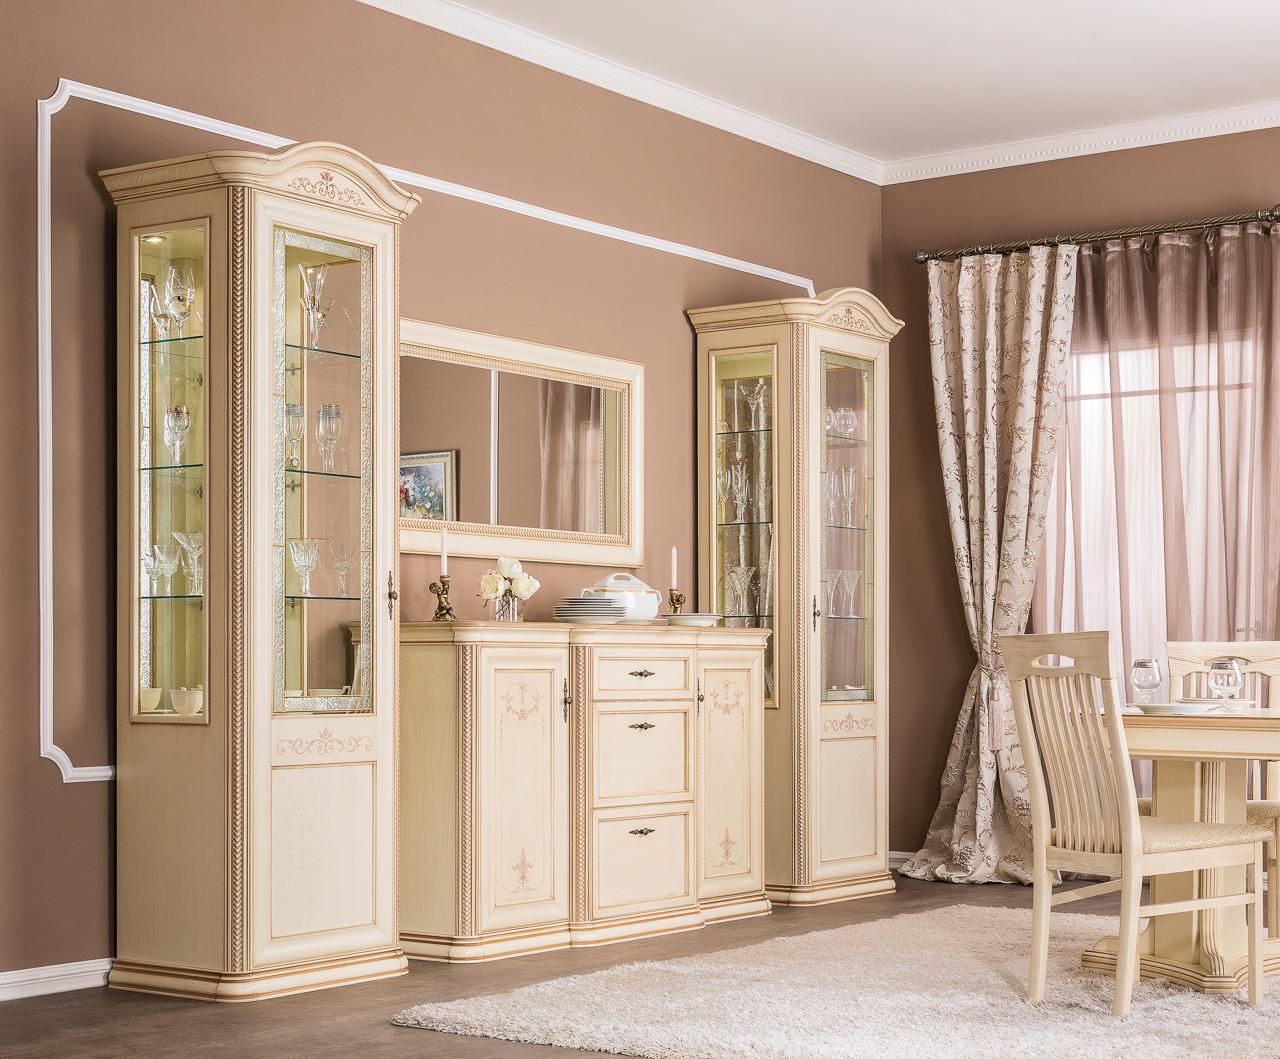 Фотосъемка мебели в каталог. Фотограф Воронеж Виталий Дедов